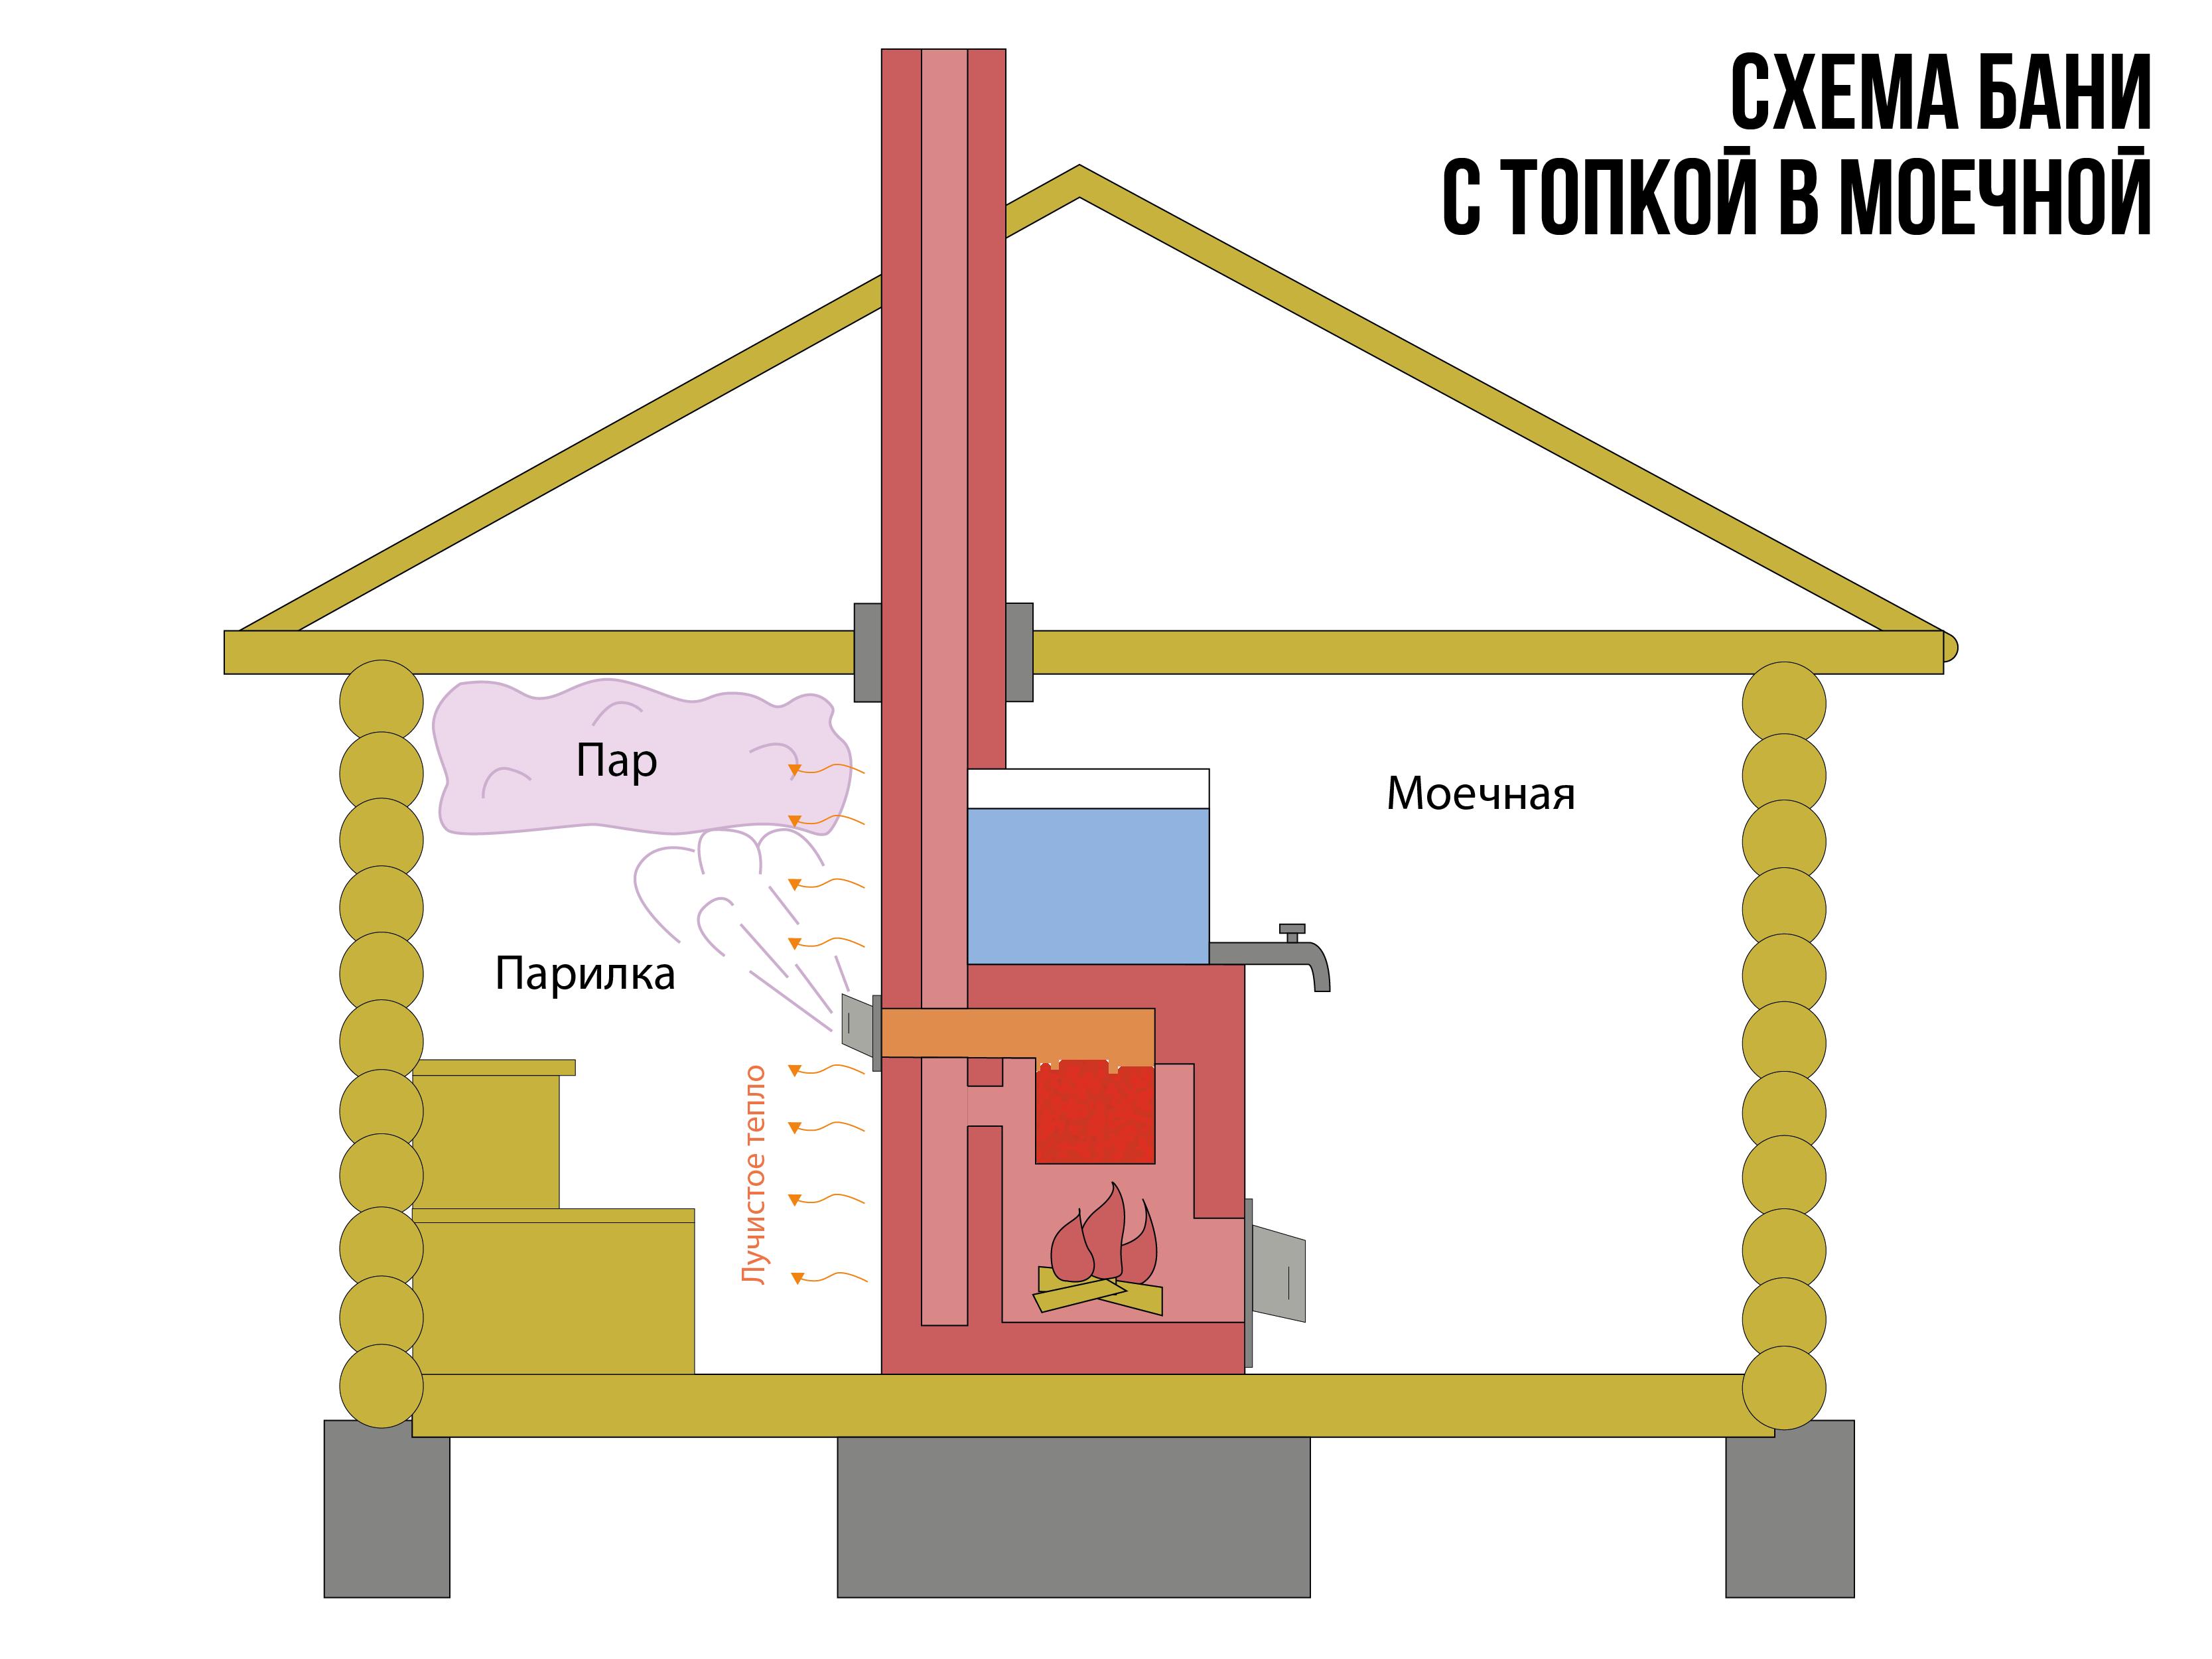 Схема бани с топкой в моечной